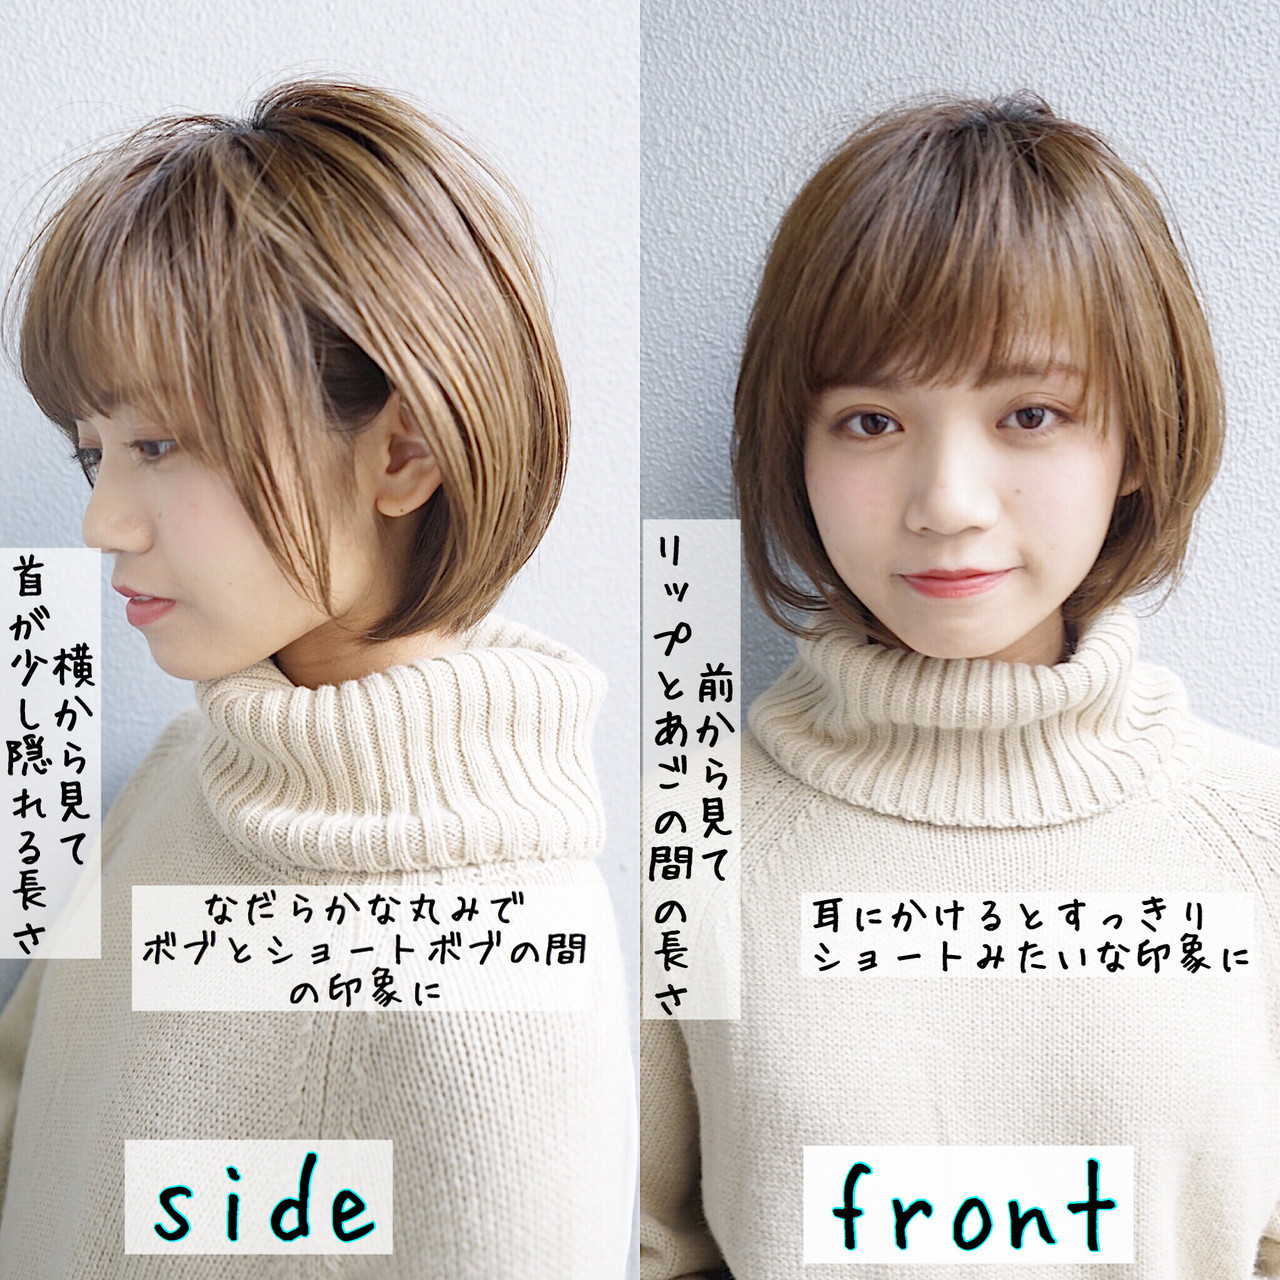 ストレート 縮毛矯正 ナチュラル 銀座美容室 ヘアスタイルや髪型の写真・画像